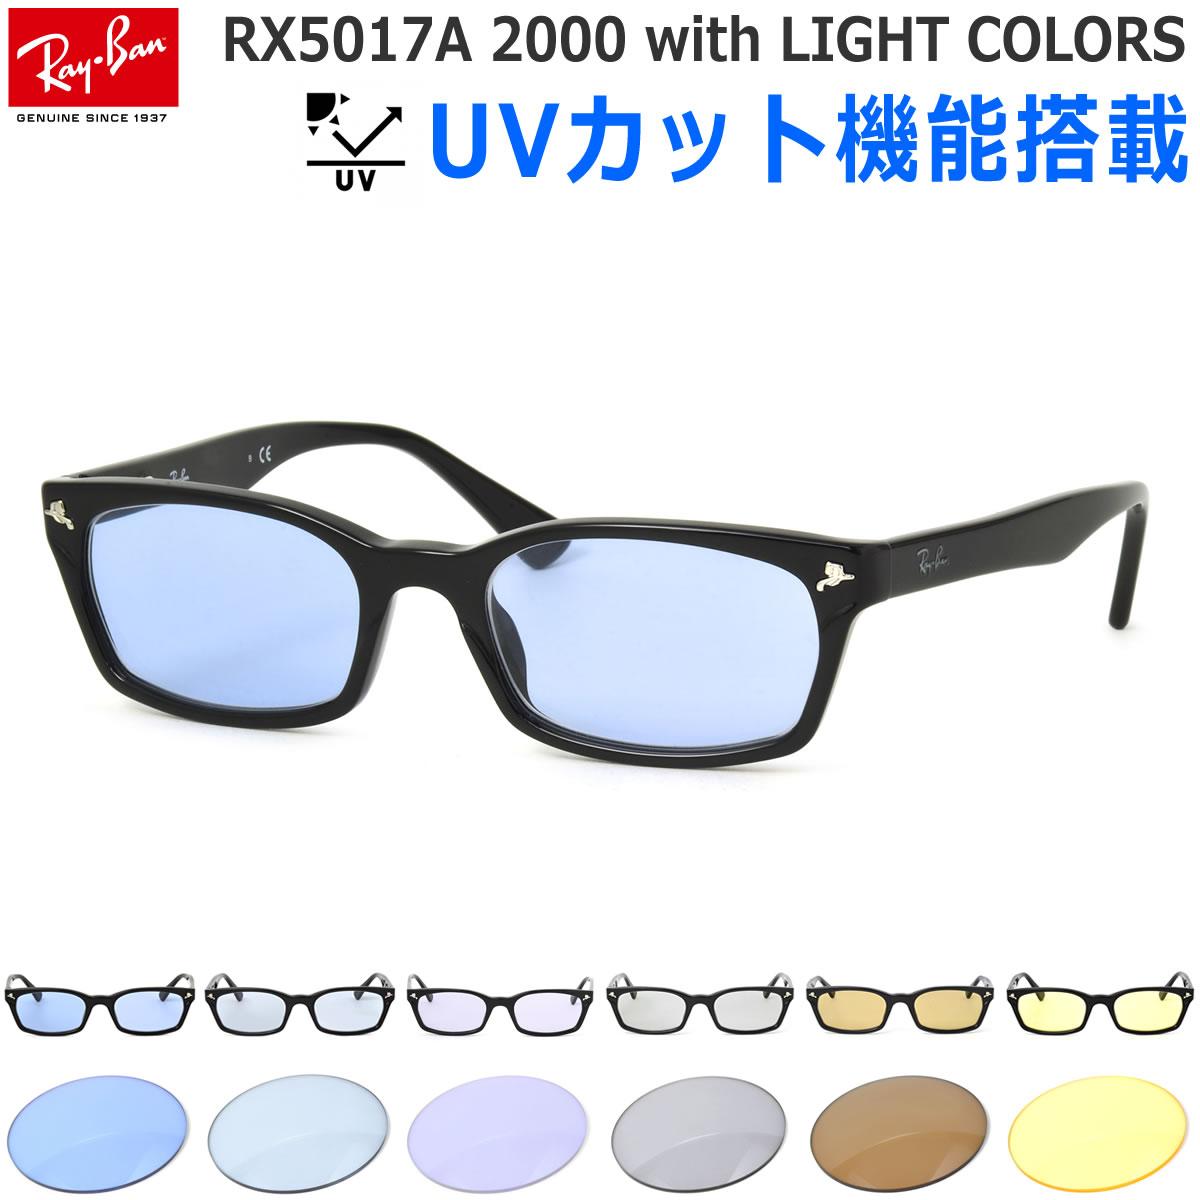 Ray-Ban レイバン UVカット付き ライトカラーサングラス セット RX5017A 2000 52サイズ レイバン RAYBAN ブルーレンズ 紫外線カット あす楽対応 メンズ レディース [OS]